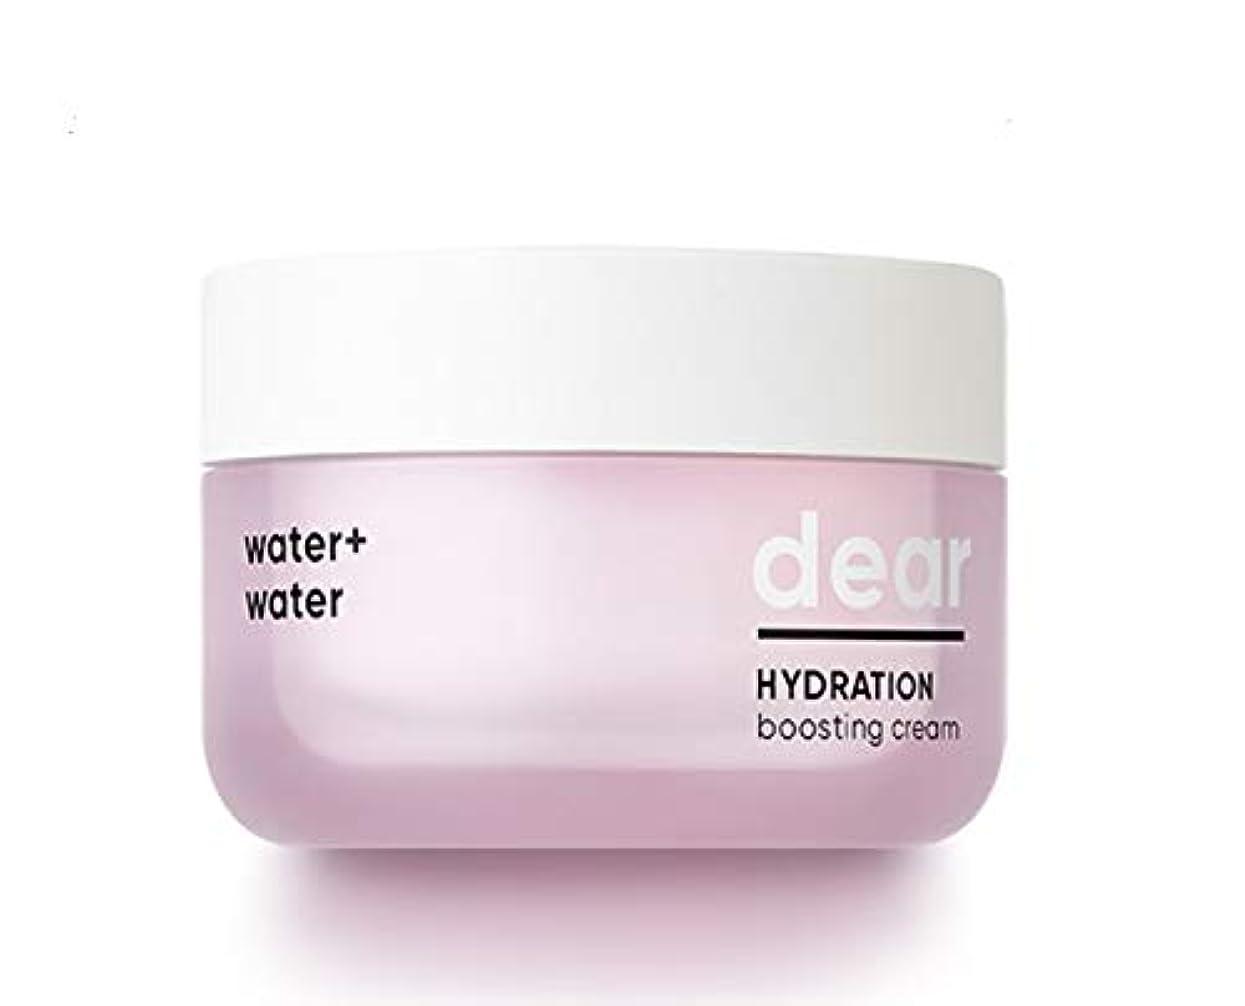 スカリー矢じり用心深い[New] BANILA CO dear Hydration Boosting Cream 50ml / (Banila co) パニルラ鼻ディアハイドゥレイションブースティングクリーム50ml [並行輸入品]